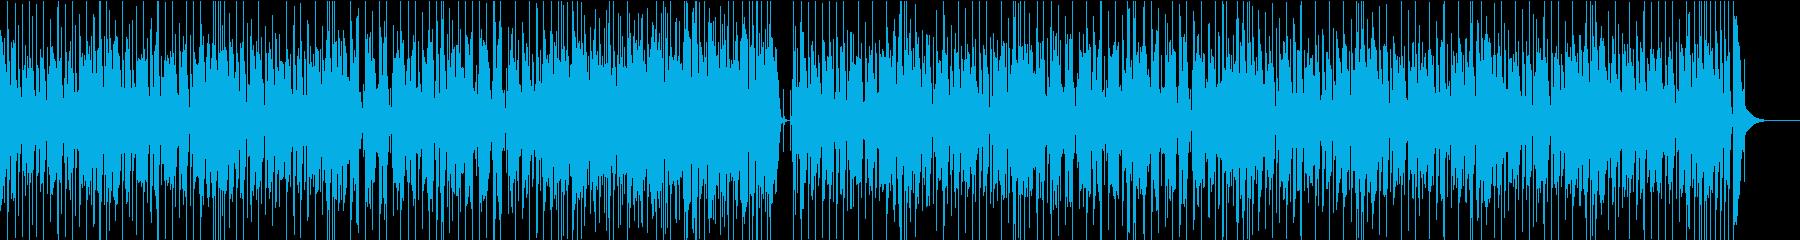 ファンク/アコギ/かっこいい/ノリノリの再生済みの波形